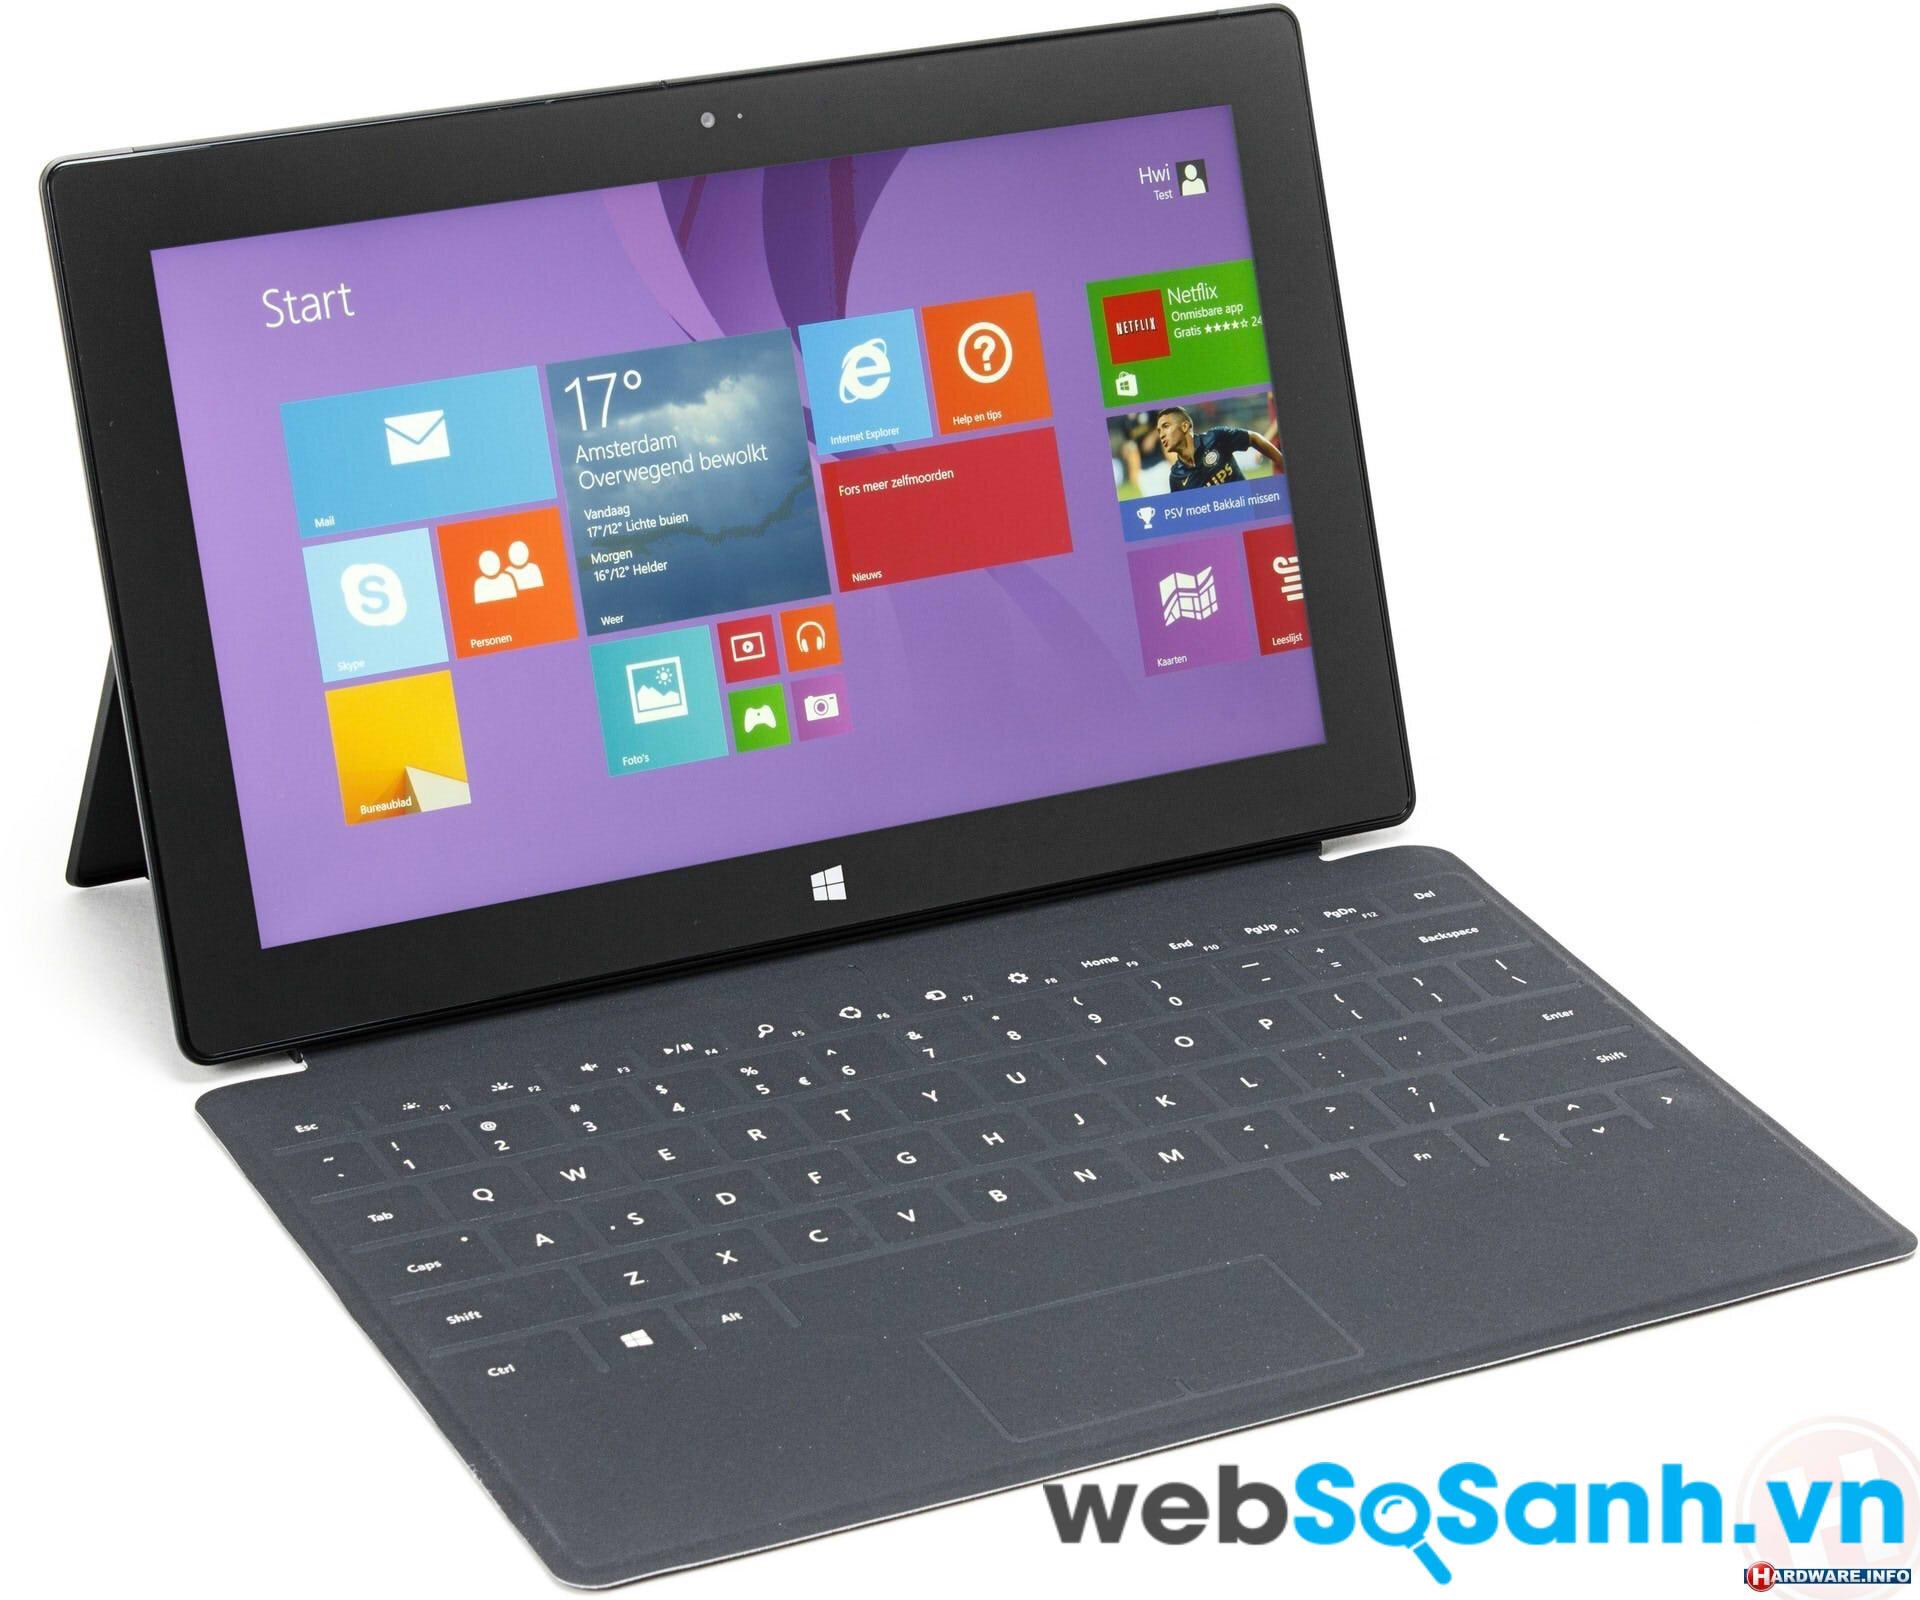 Đánh giá máy tính bảng Microsoft Surface Pro 2 trải nghiệm thiết kế mới